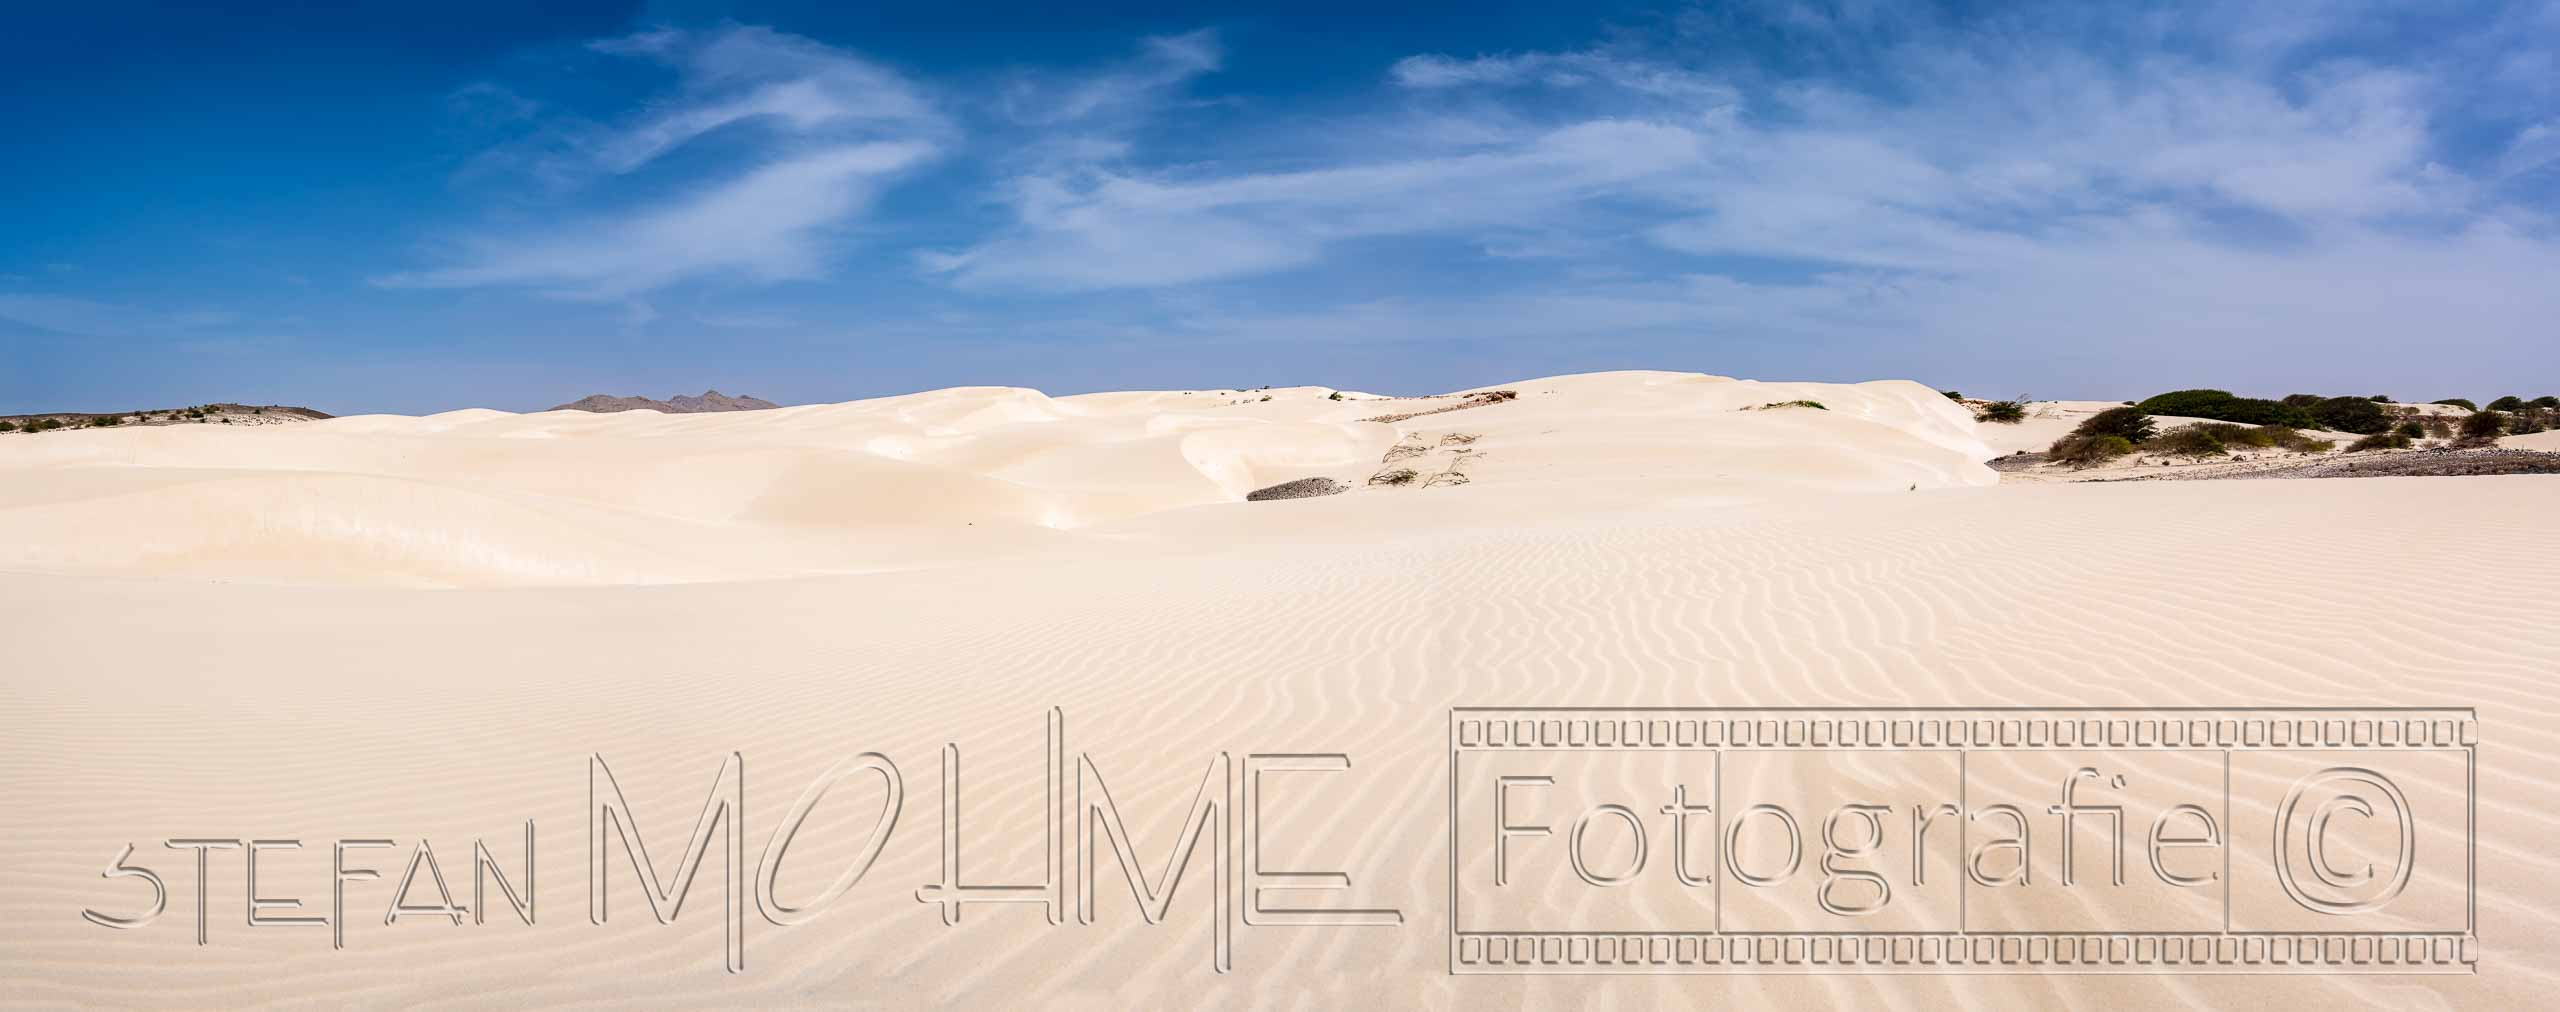 Panorama Wüste, Resumee 2020